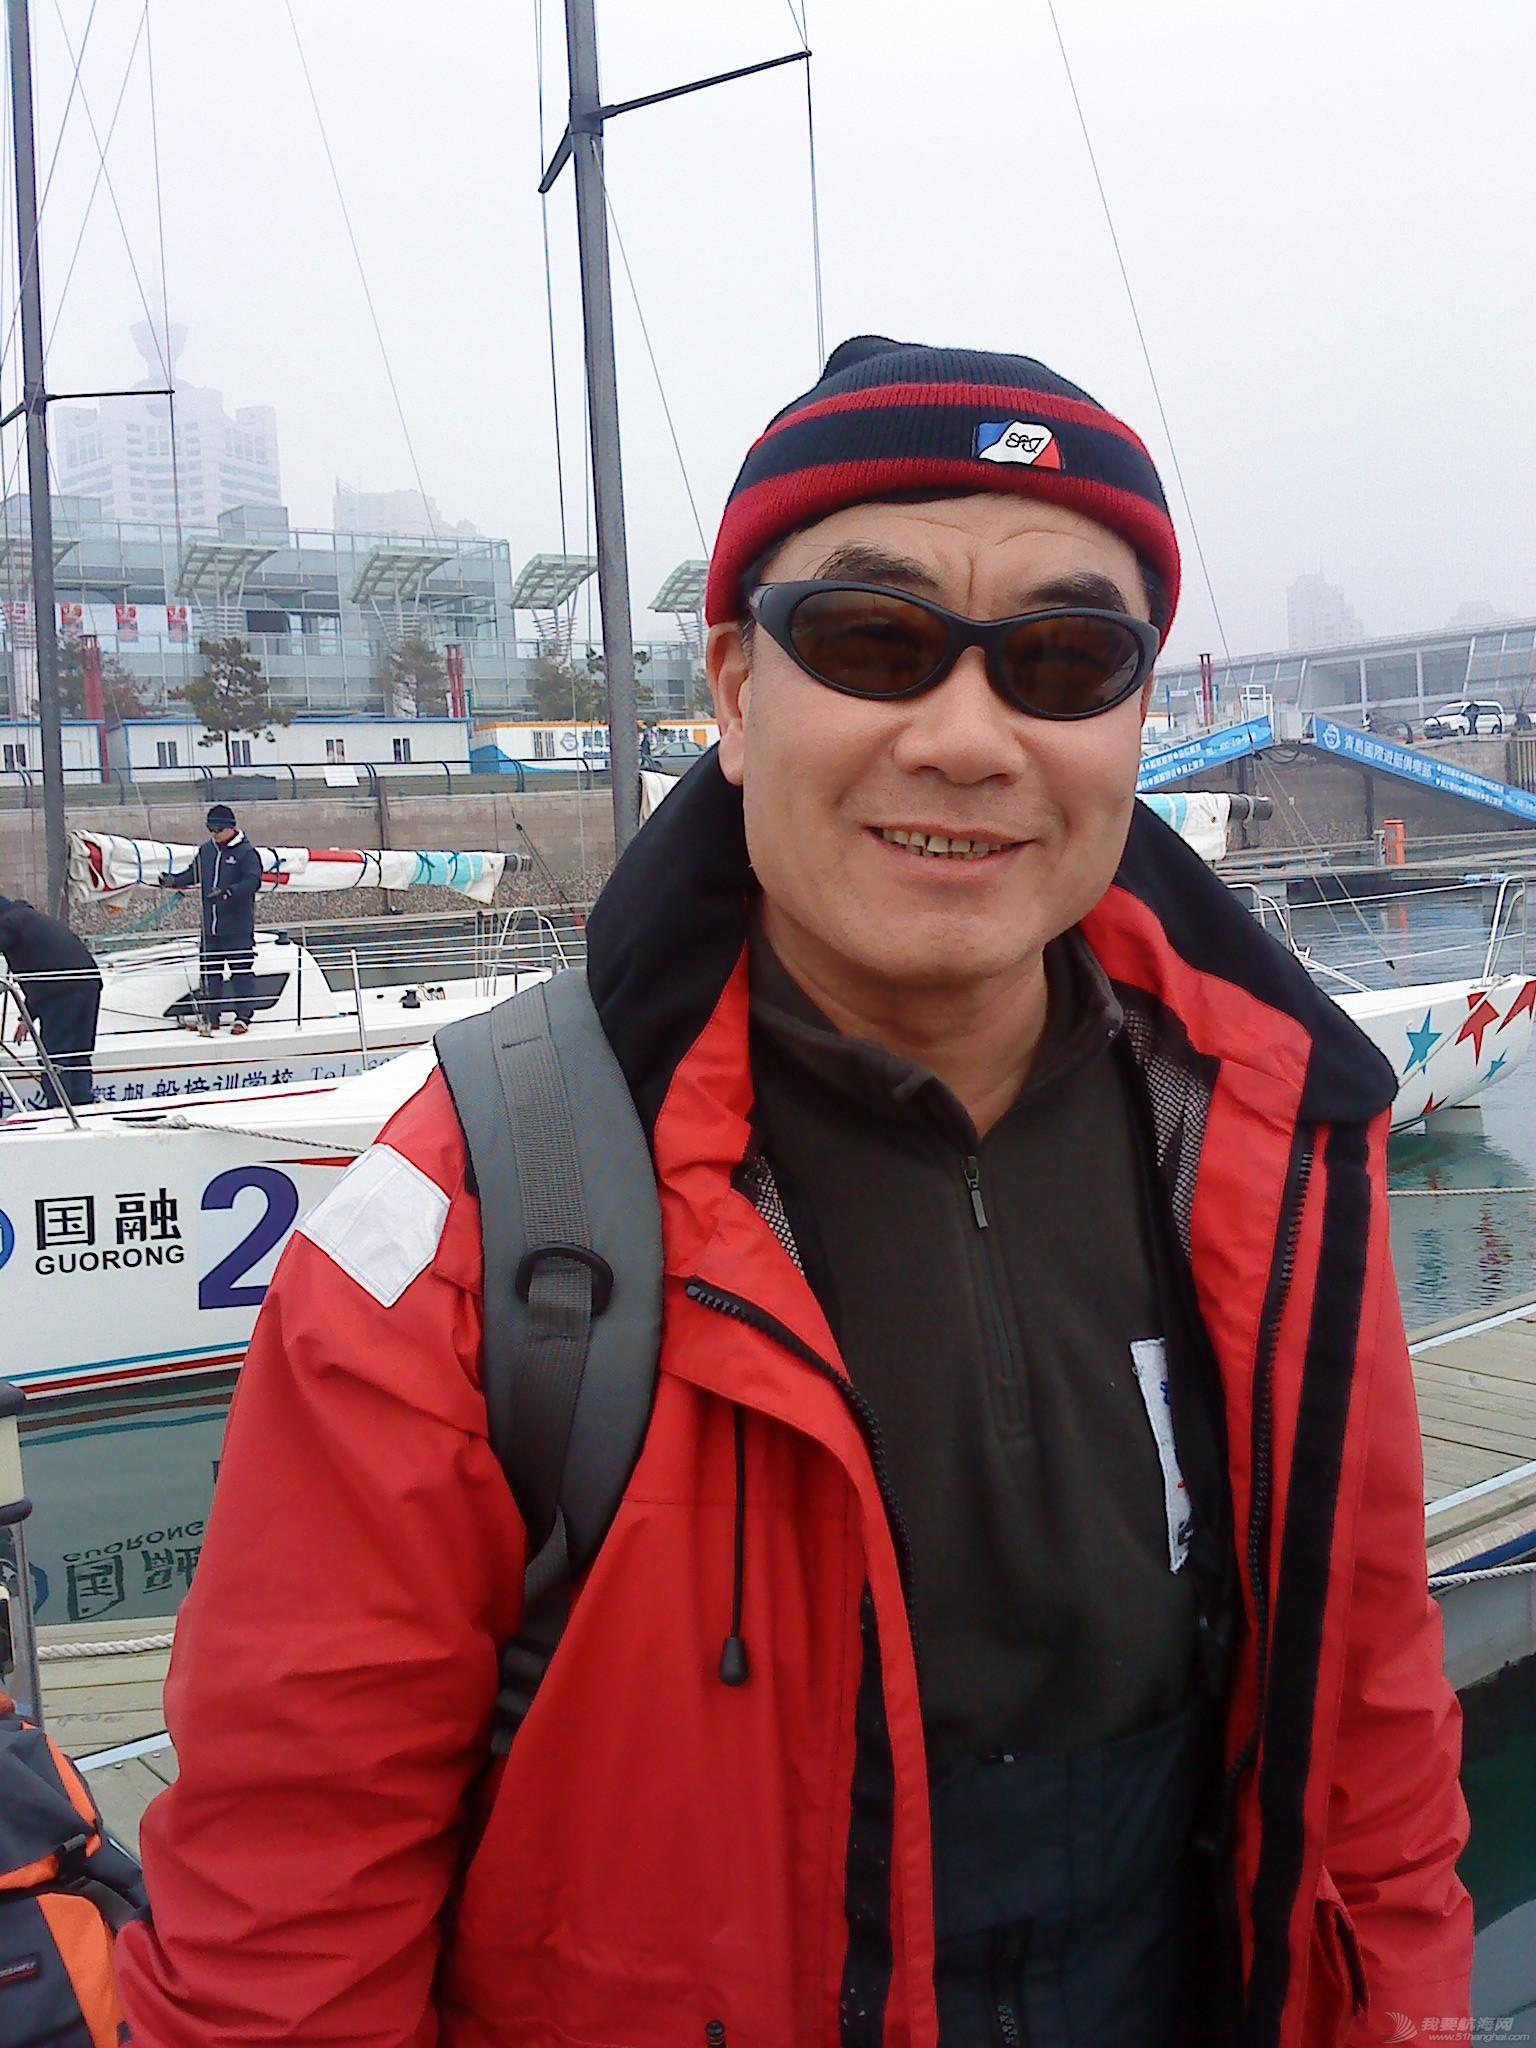 青岛市长,青年旅舍,大学生,临沂市,俱乐部 我的航海经历和我对帆船的理解 段教练.jpg